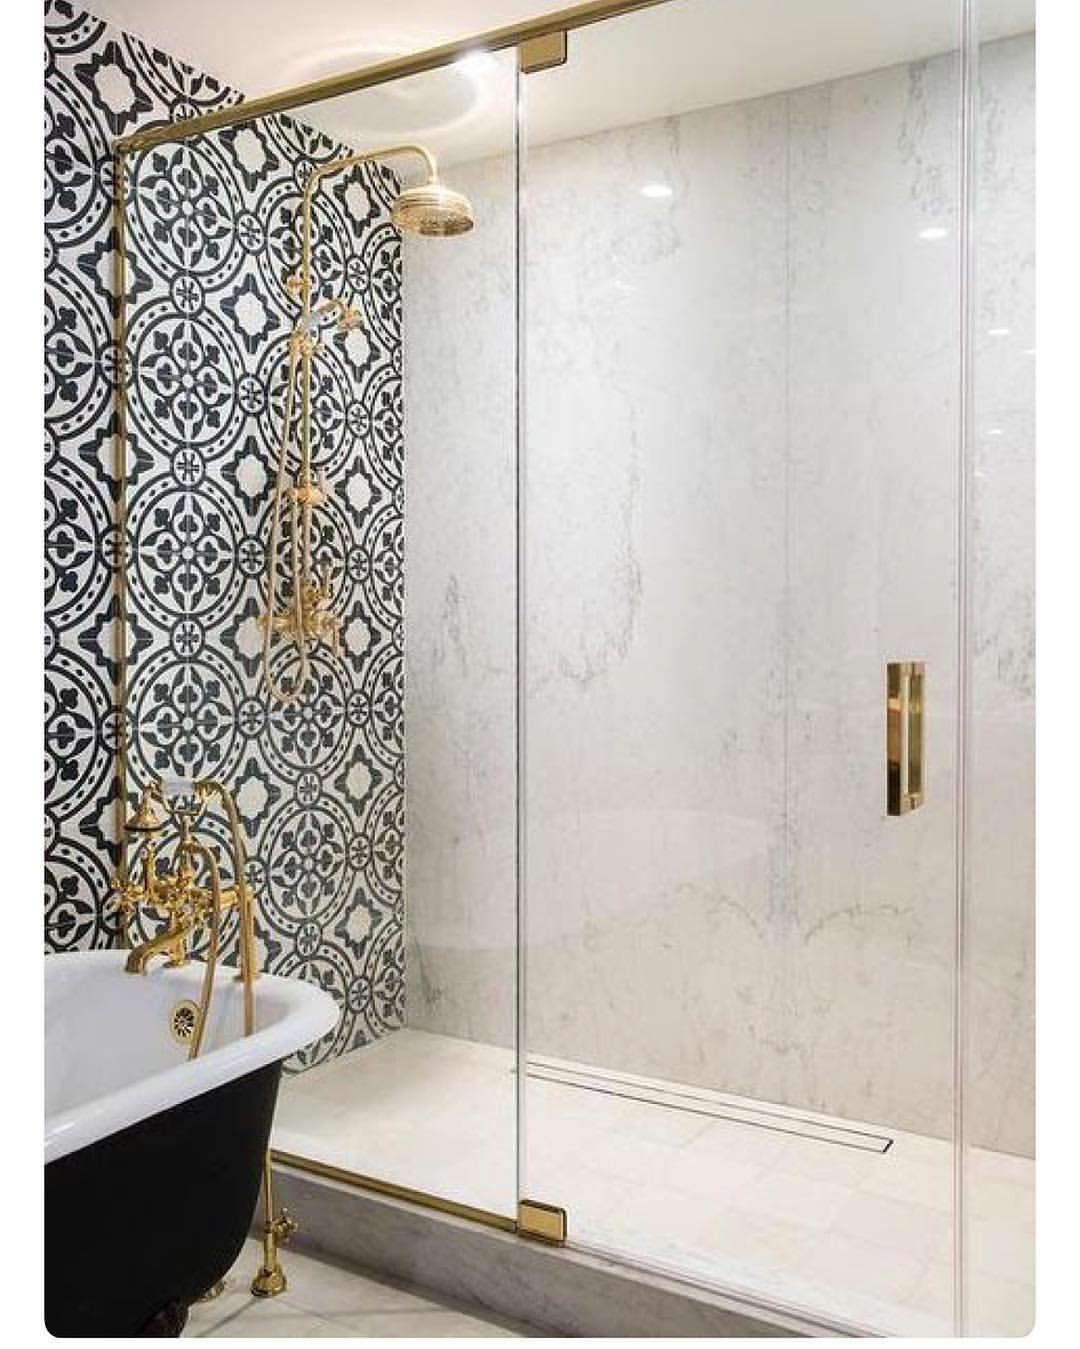 Graue Badezimmer, Badezimmerideen, Gäste Wc, Home Design, Schwarz Weiß Gold,  Junk Mail, Drehbuch, Fliesen